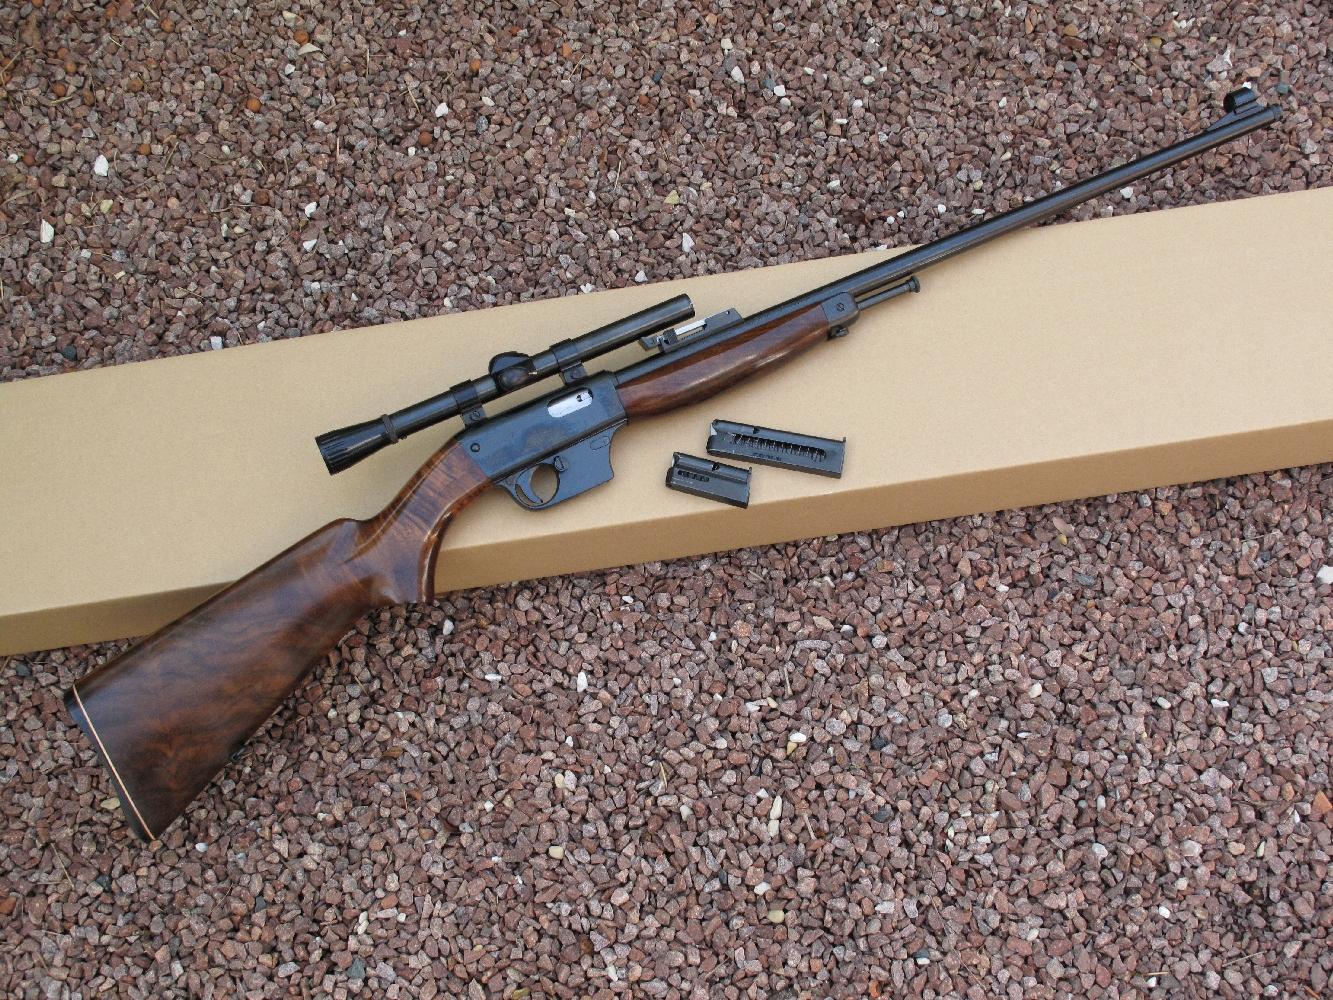 Cette carabine Unique X51-Bis fabriquée en 1983 est équipée d'une lunette grossissante d'époque, de marque Weaver, modèle Marksman 3/4 pouce 4x (équivalent : 4 x 19).